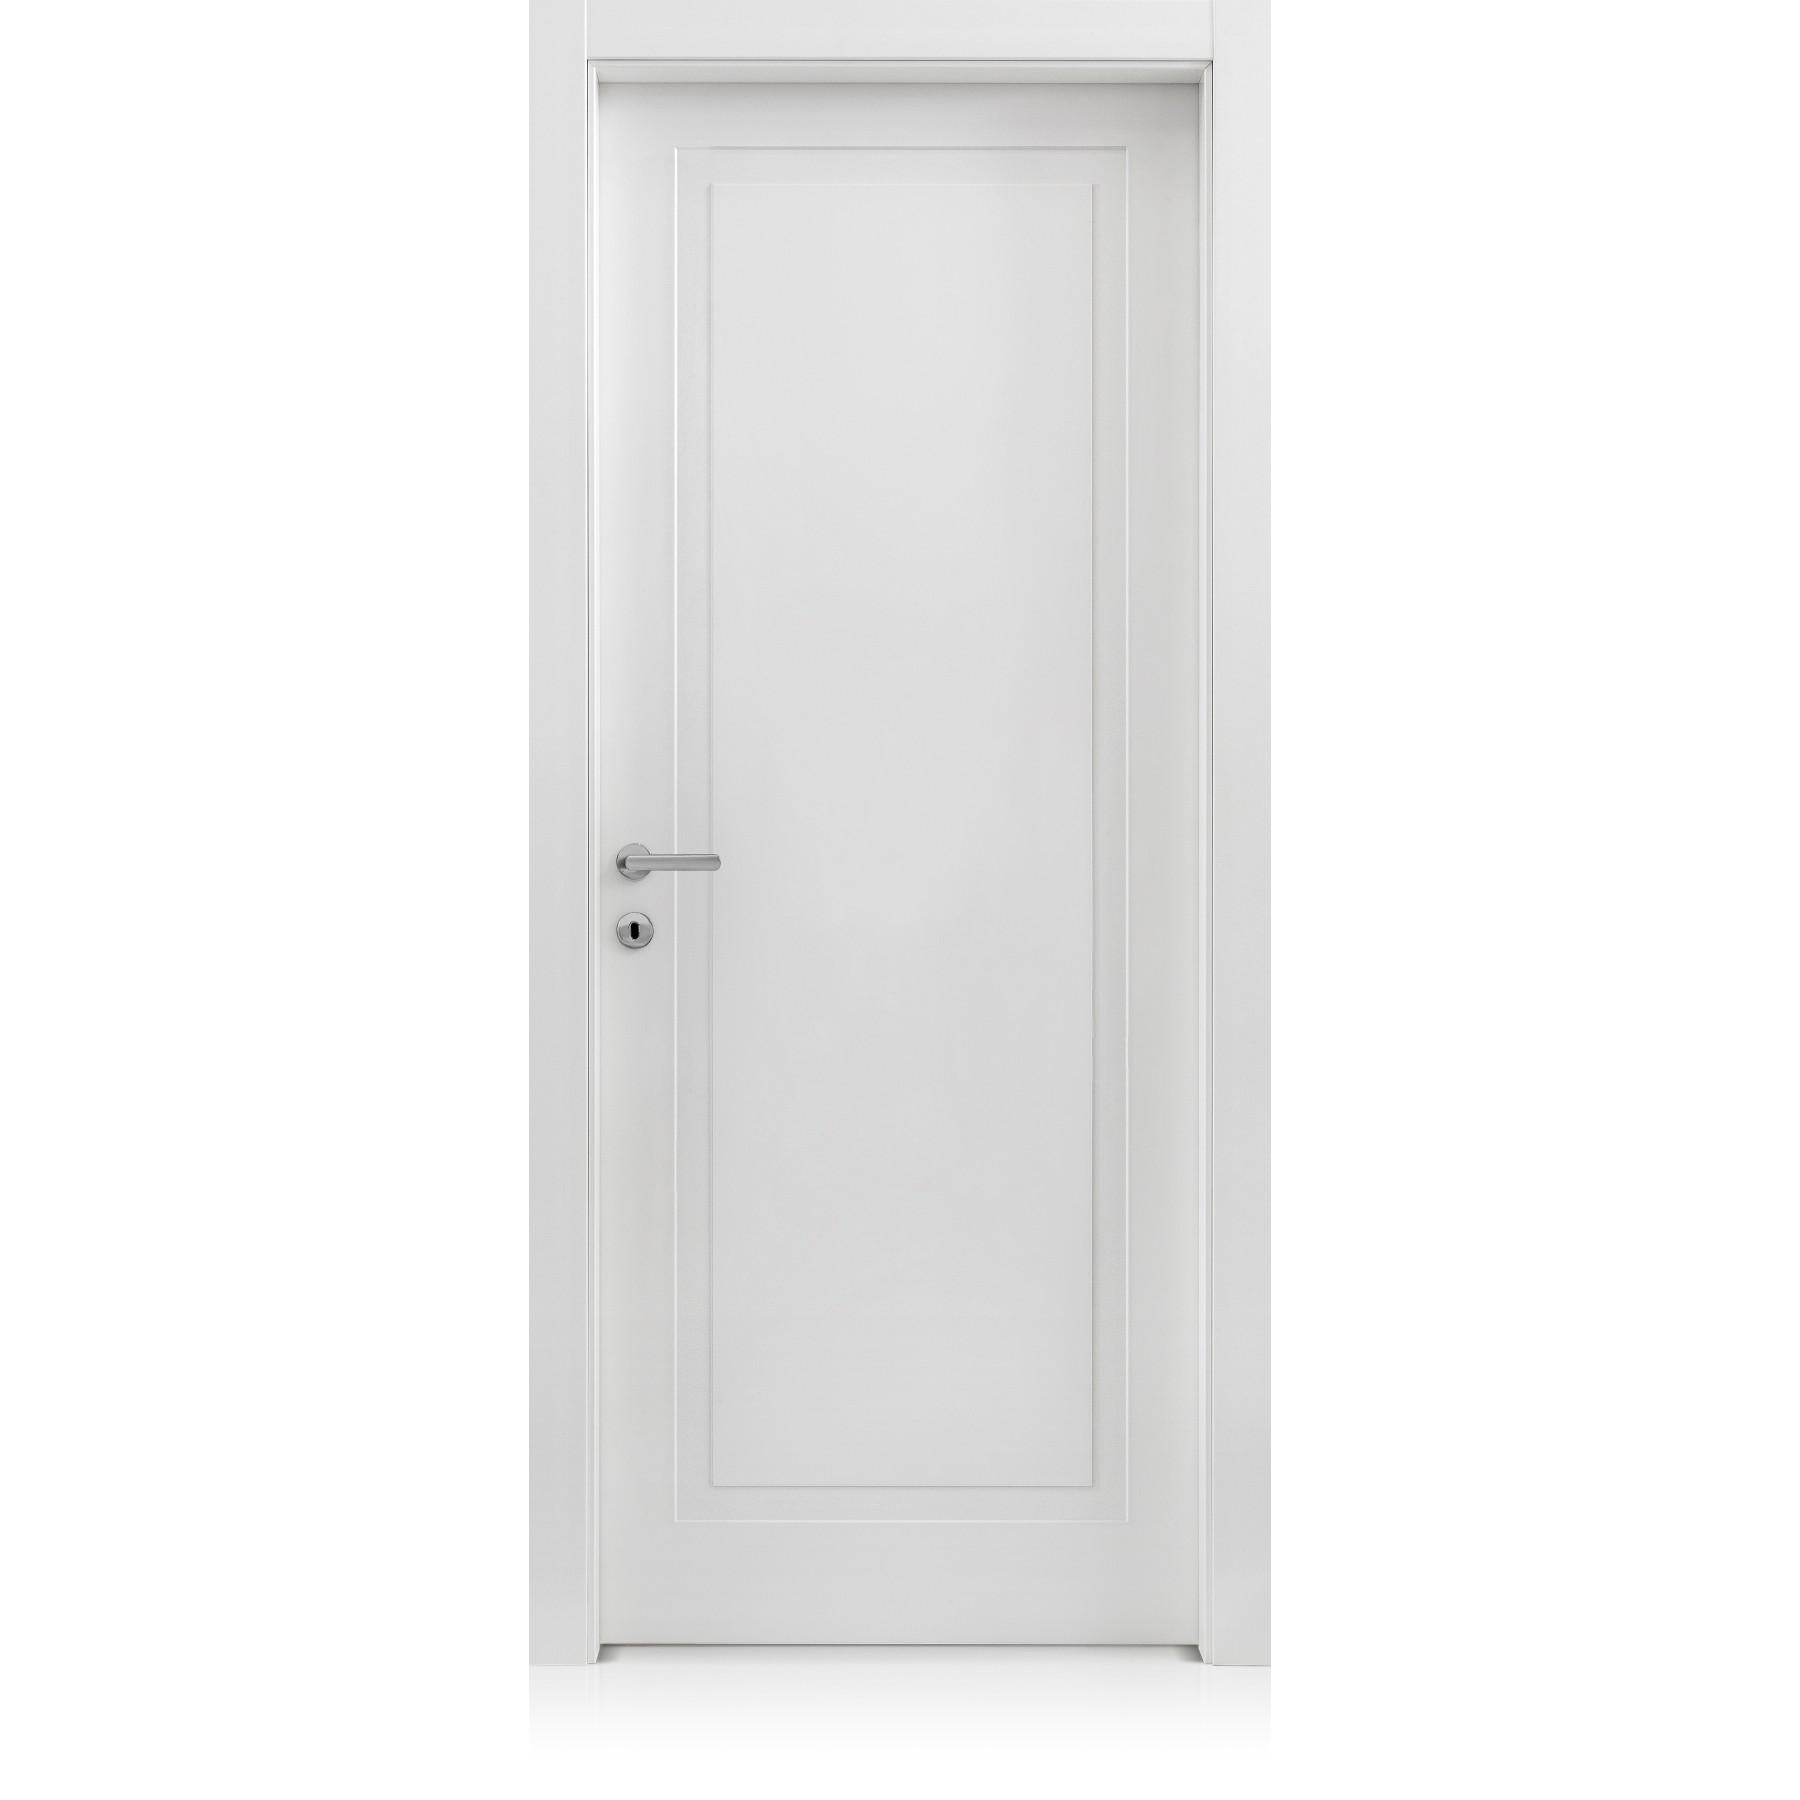 Tür Mixy / 1 bianco